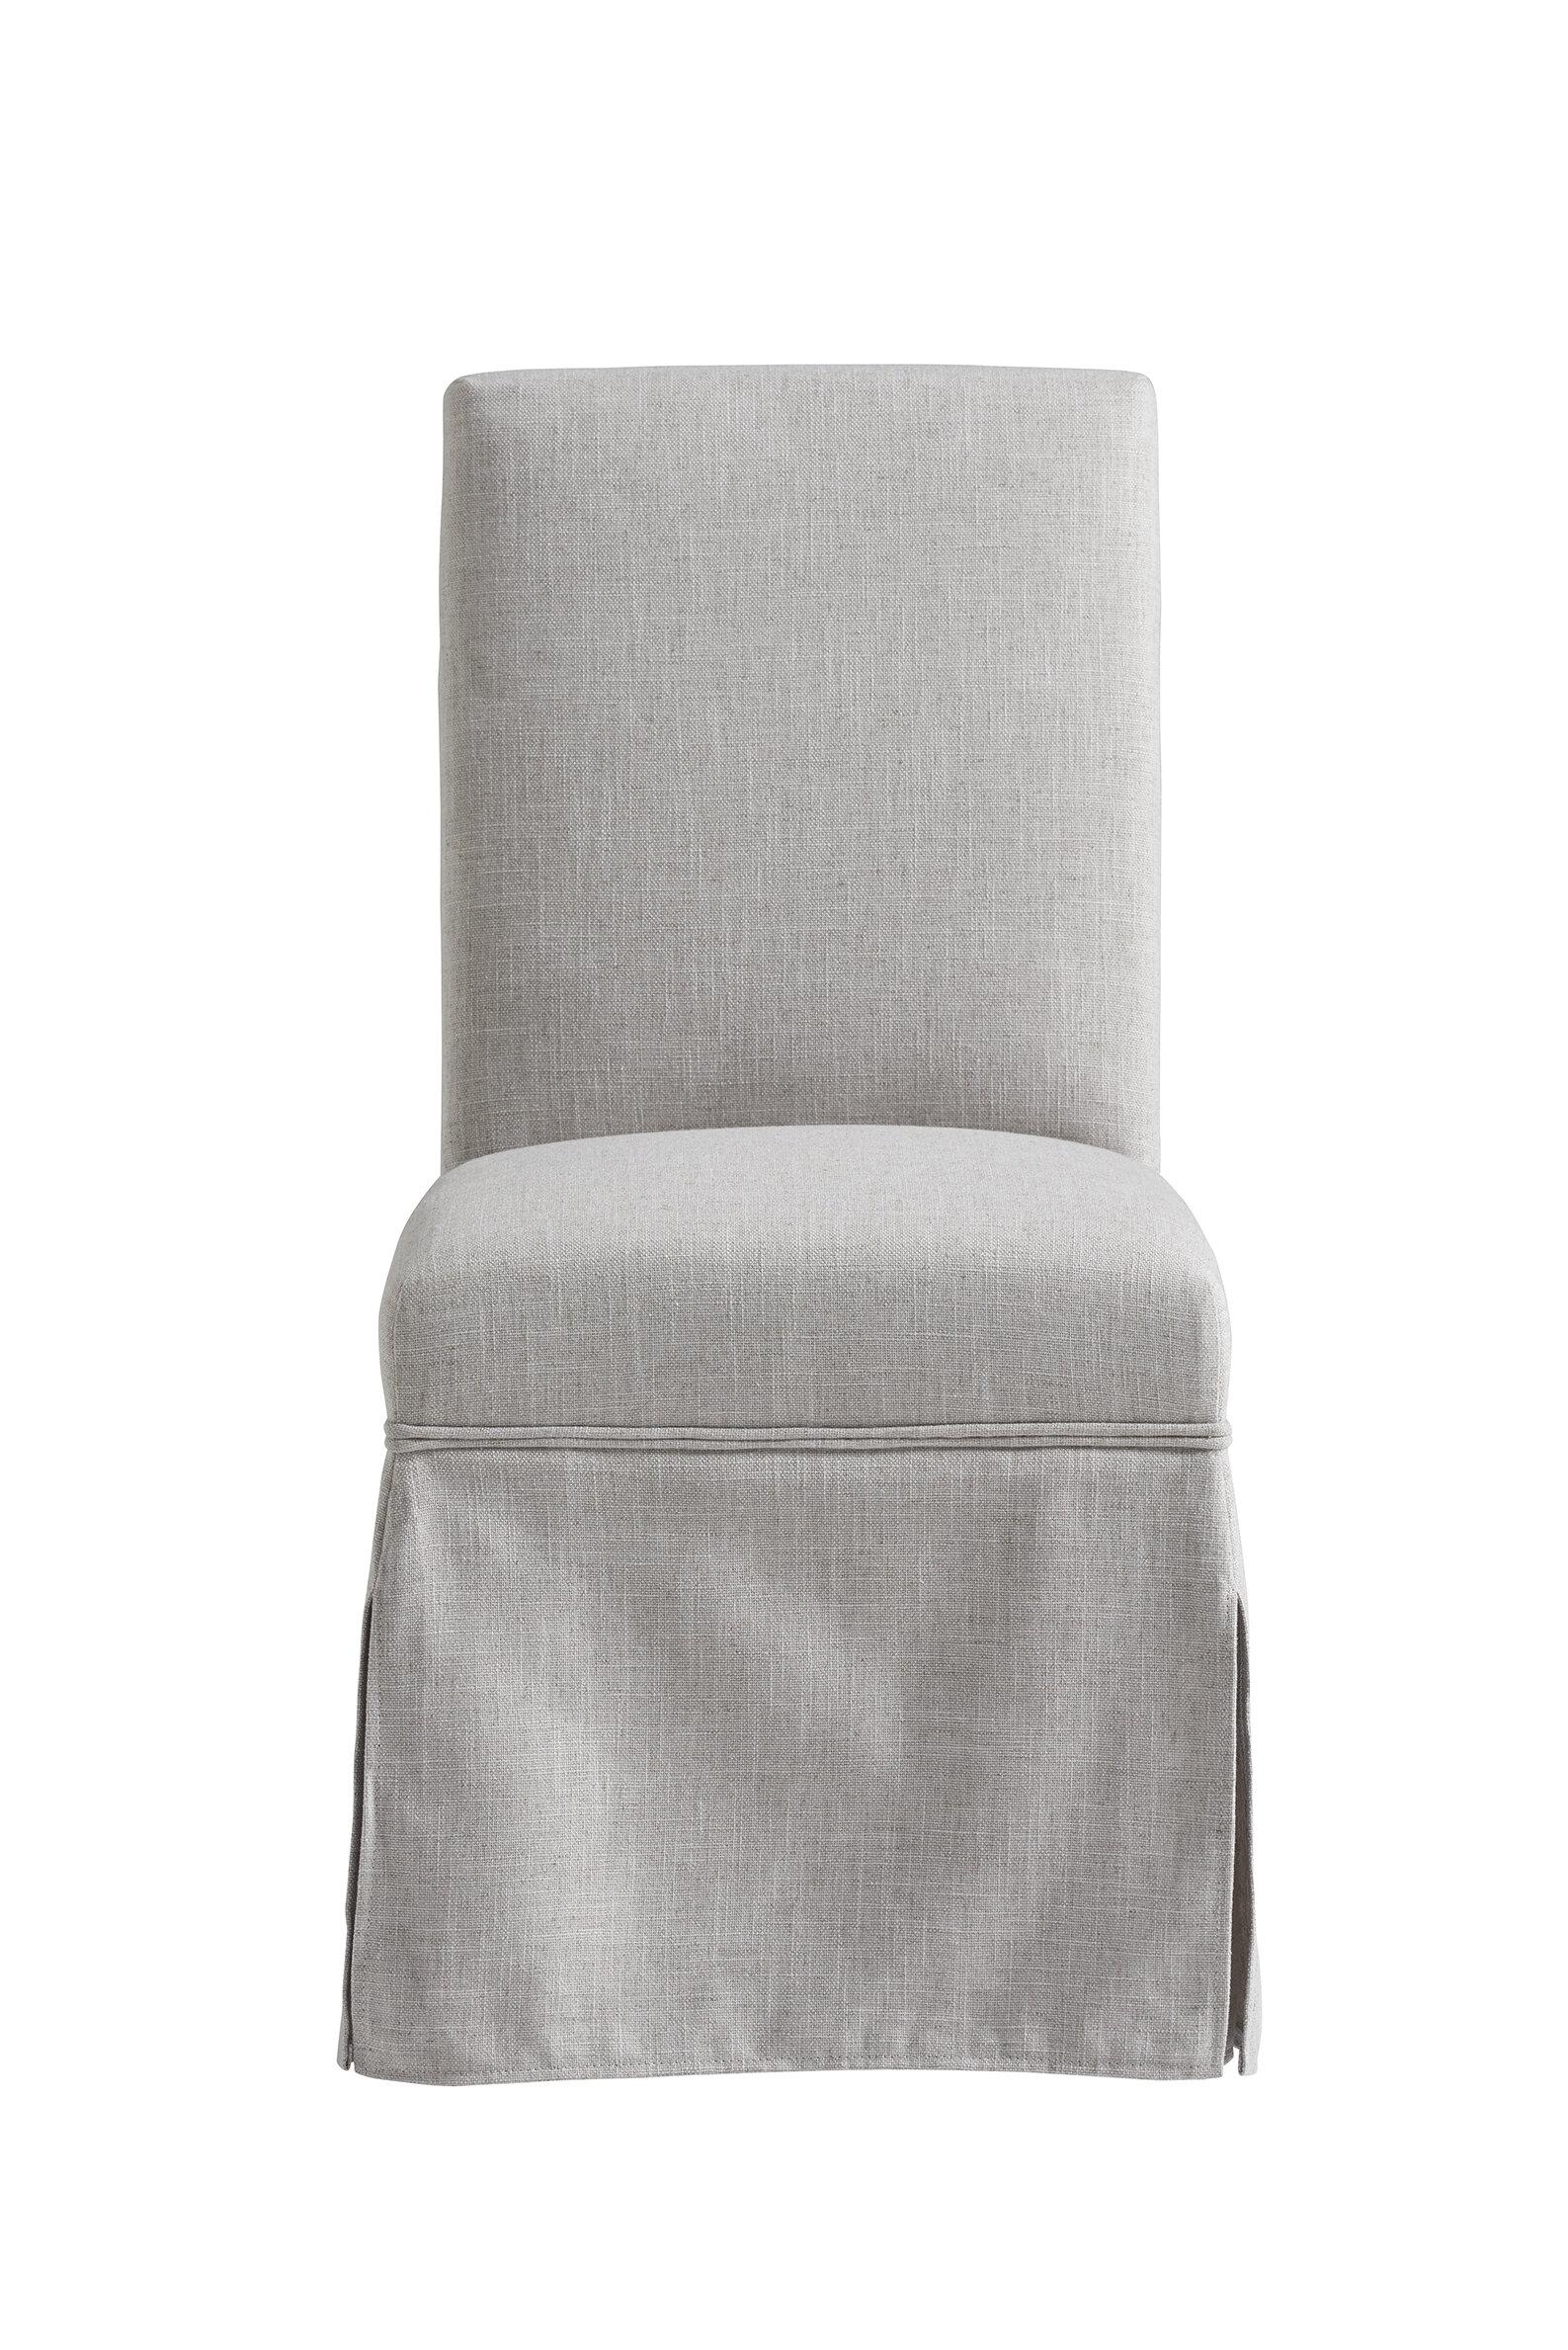 Strange Skirted Upholstered Dining Chair Ibusinesslaw Wood Chair Design Ideas Ibusinesslaworg